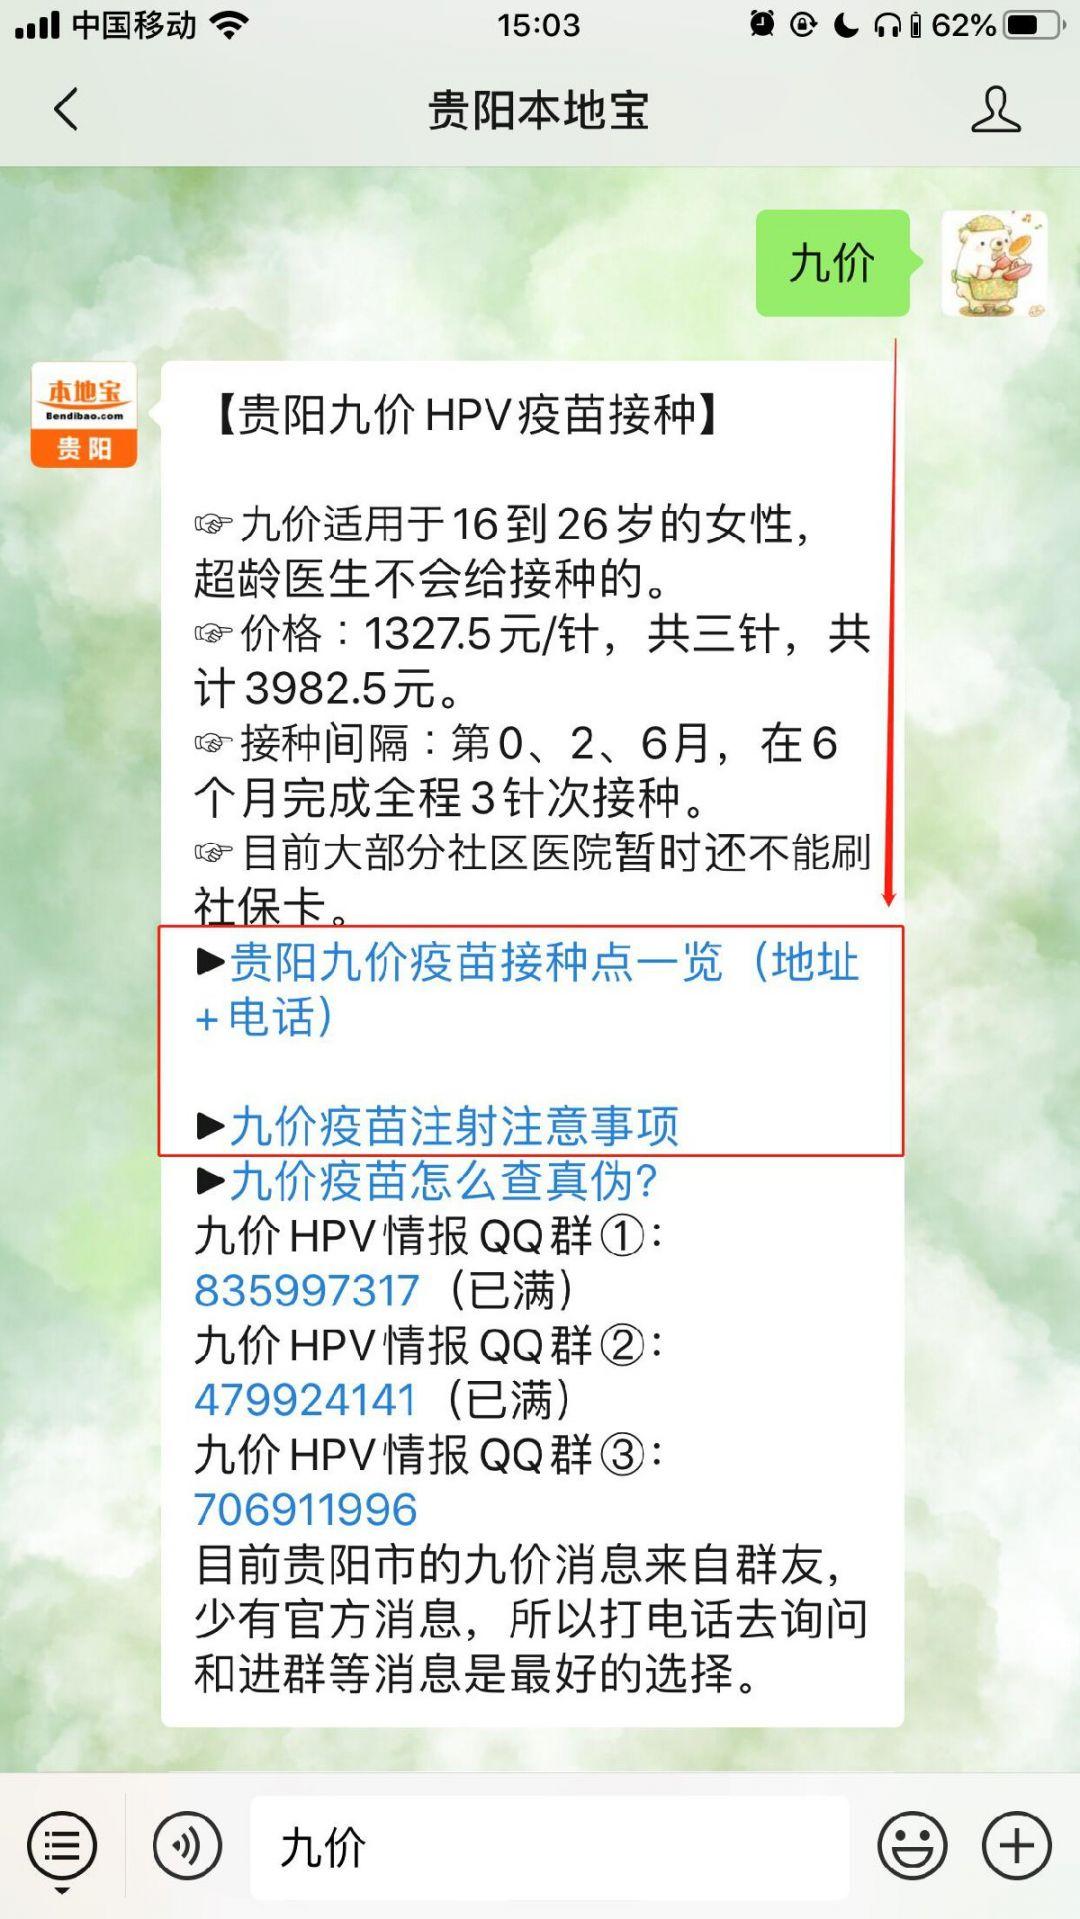 hpv九价疫苗接种间隔时间(附贵阳九价价格)